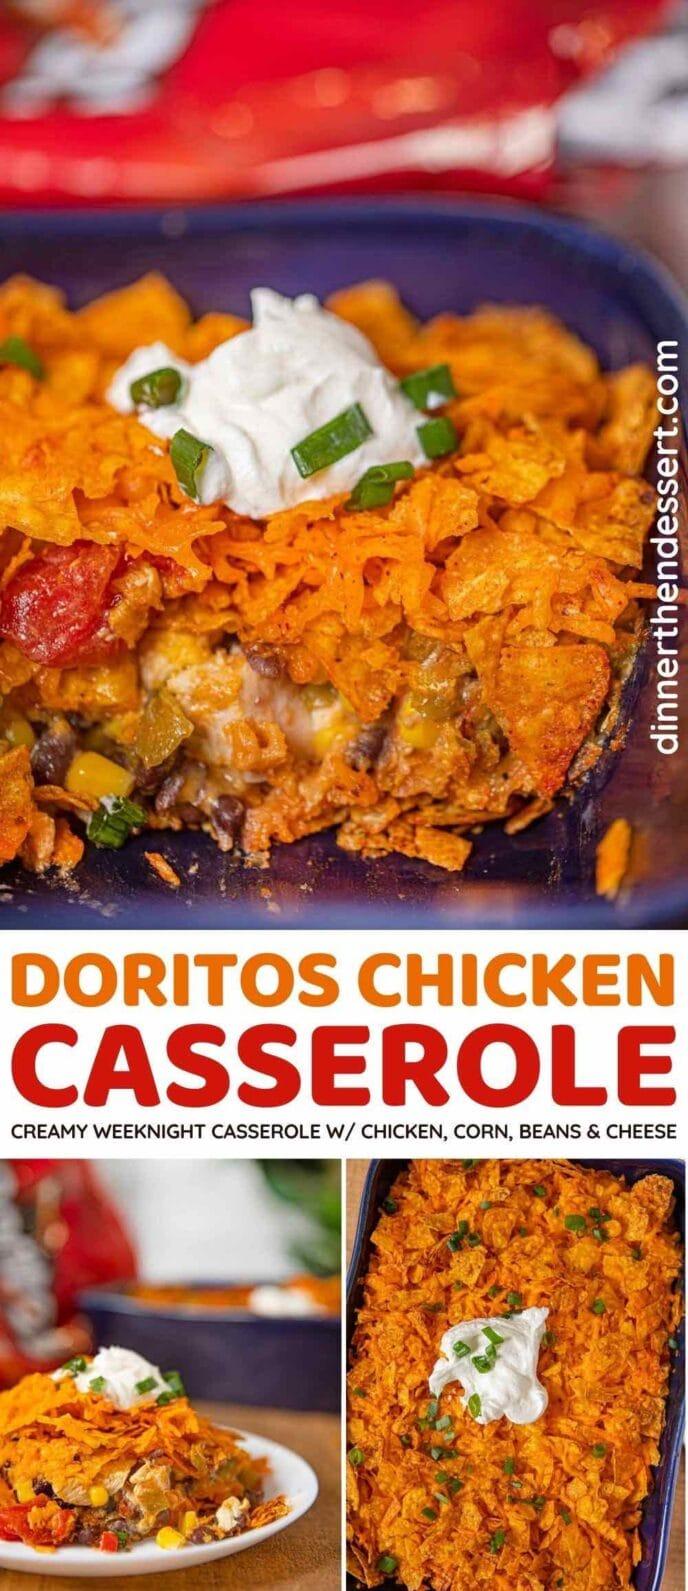 Doritos Chicken Casserole collage